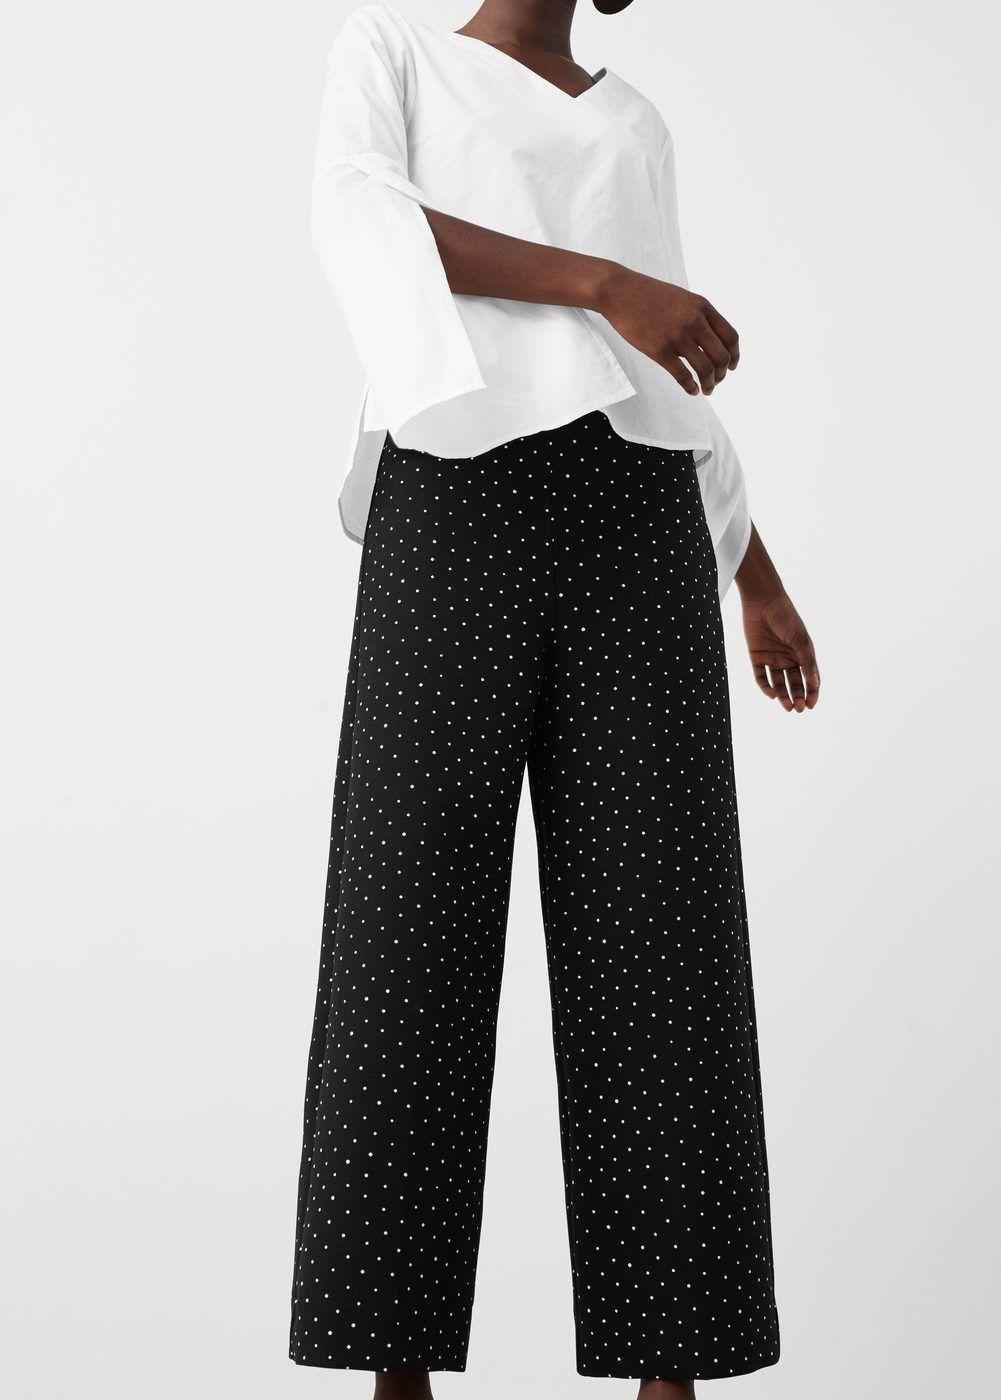 e182823c1999 Pantalon droit 7 8 - Femme